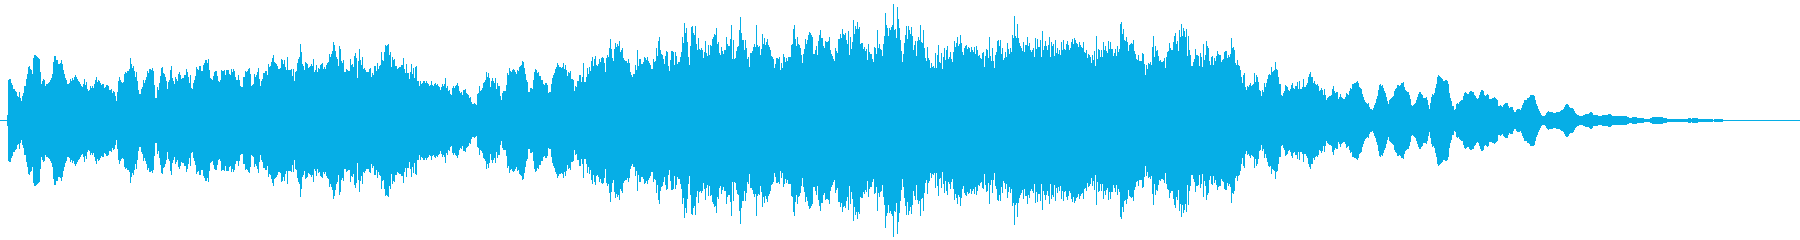 PADS きしむメロディ01の再生済みの波形